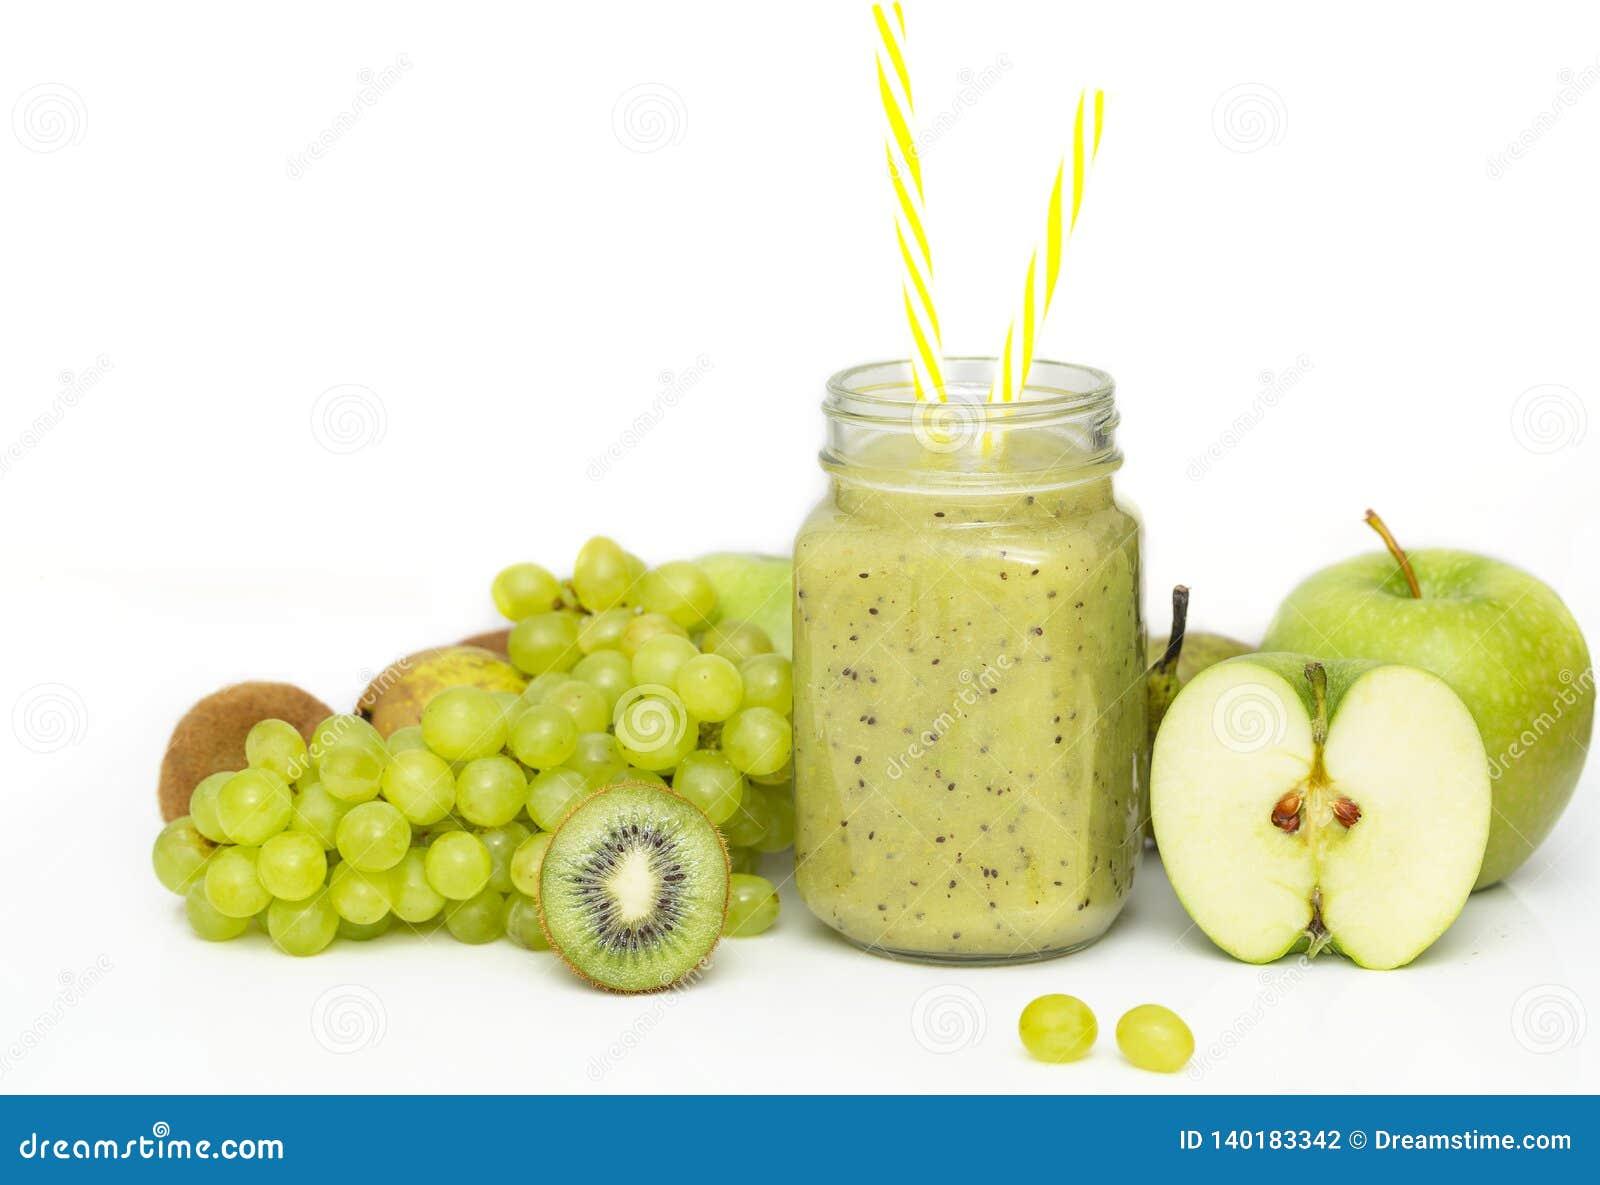 Зеленый здоровый smoothie в стеклянном опарнике: киви, виноградины, груша, зеленое Яблоко, известка и авокадо Vegan, вегетарианск